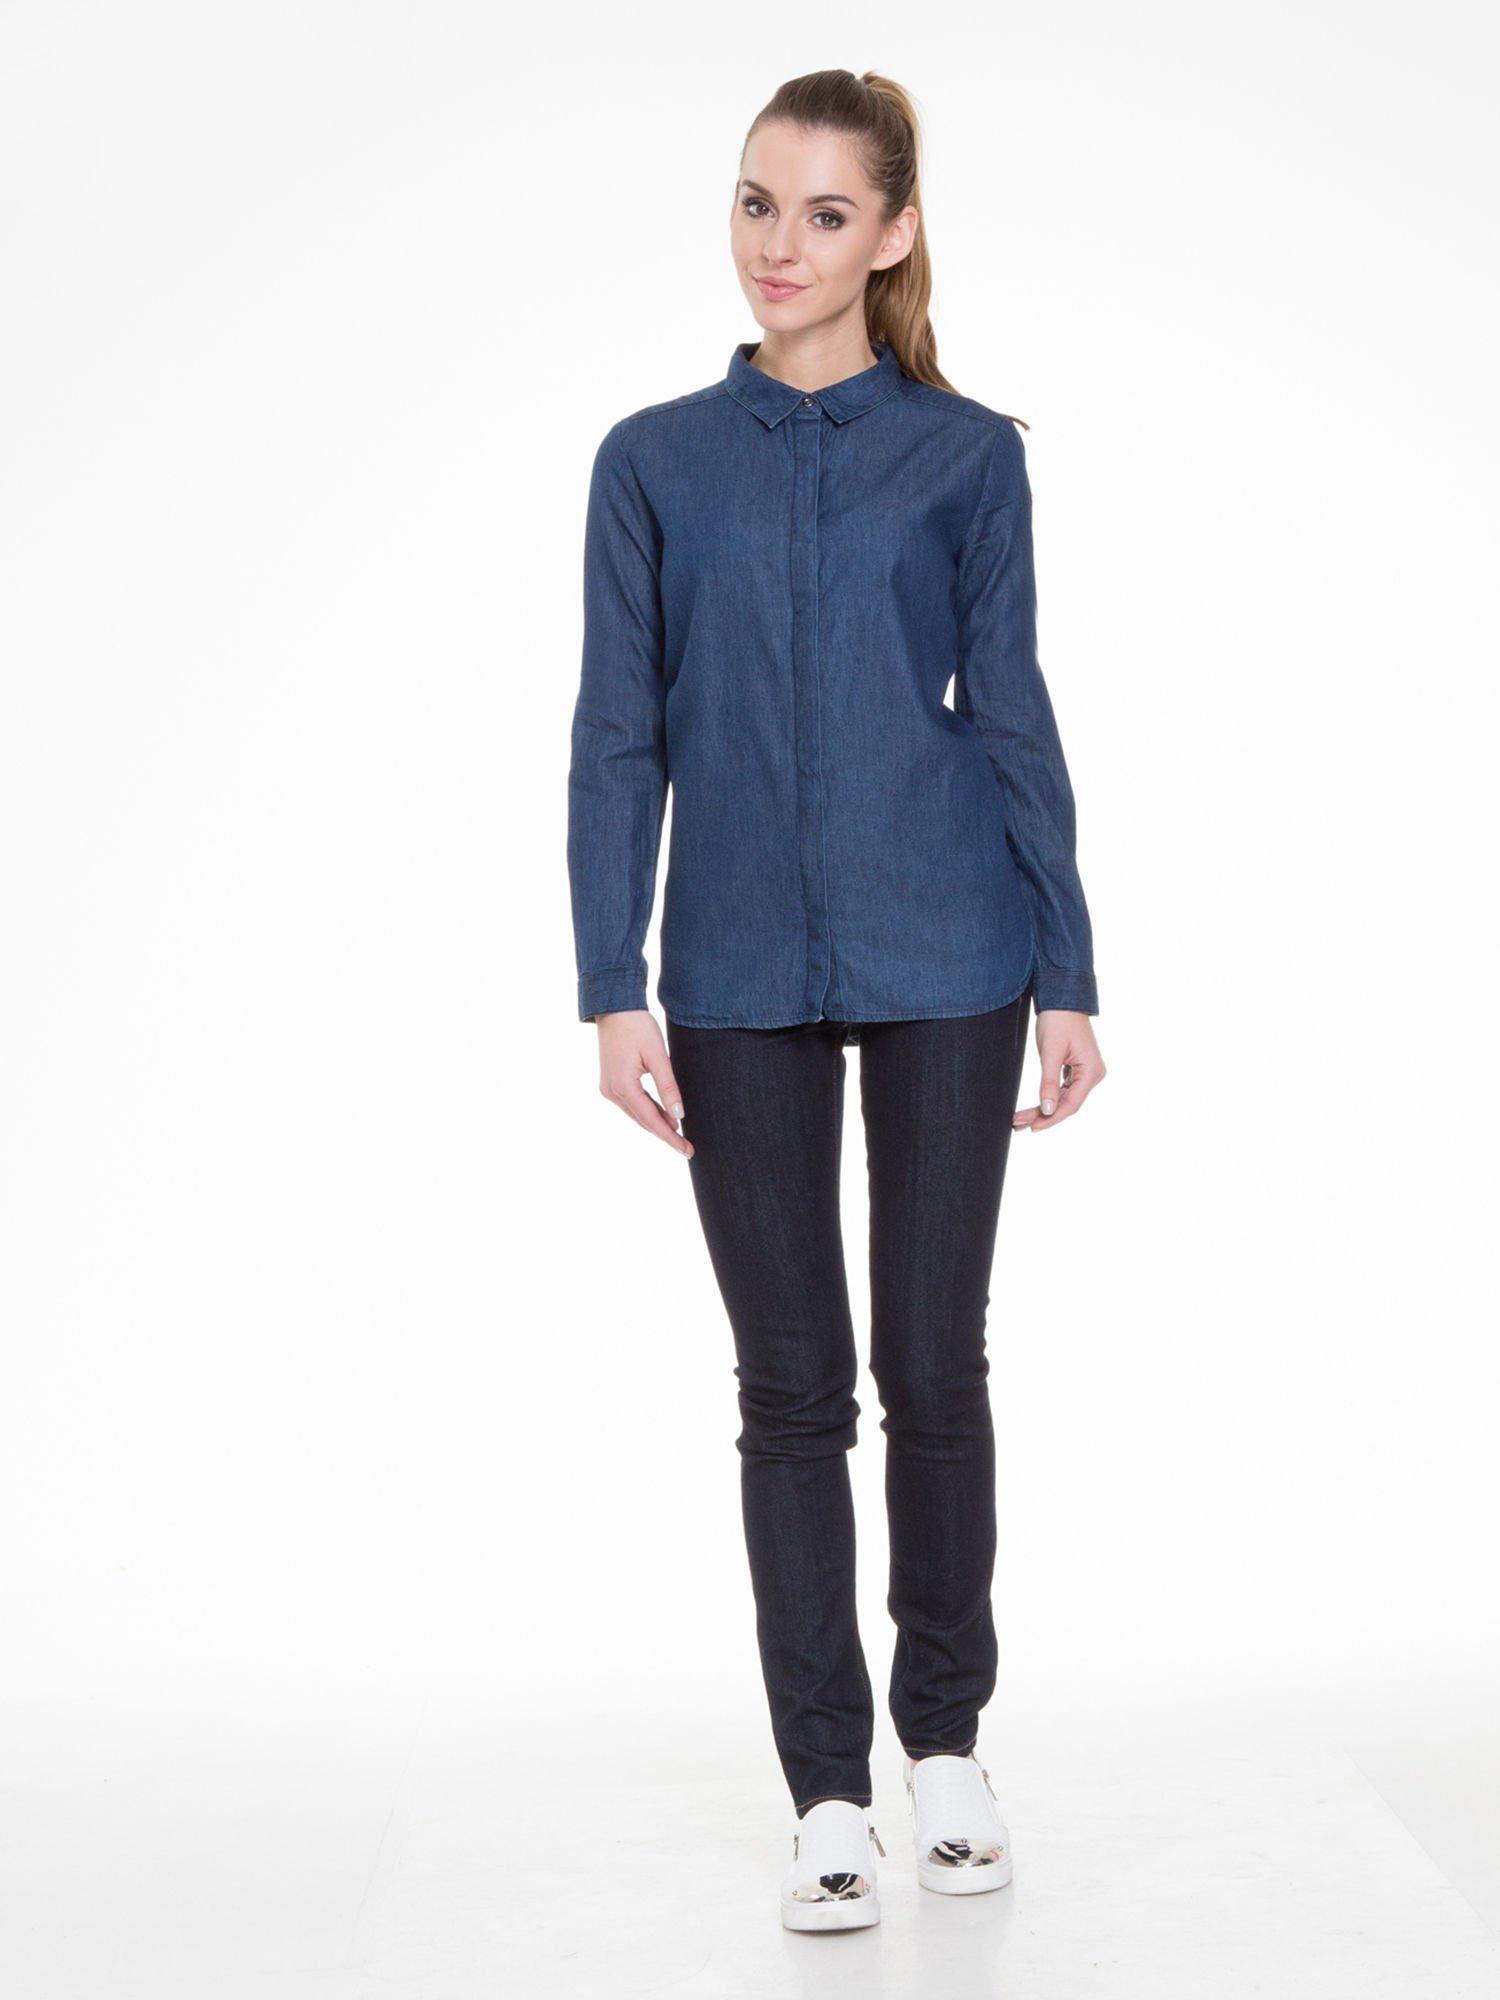 Niebieska koszula jeansowa z kołnierzykiem i krytą listwą                                  zdj.                                  4